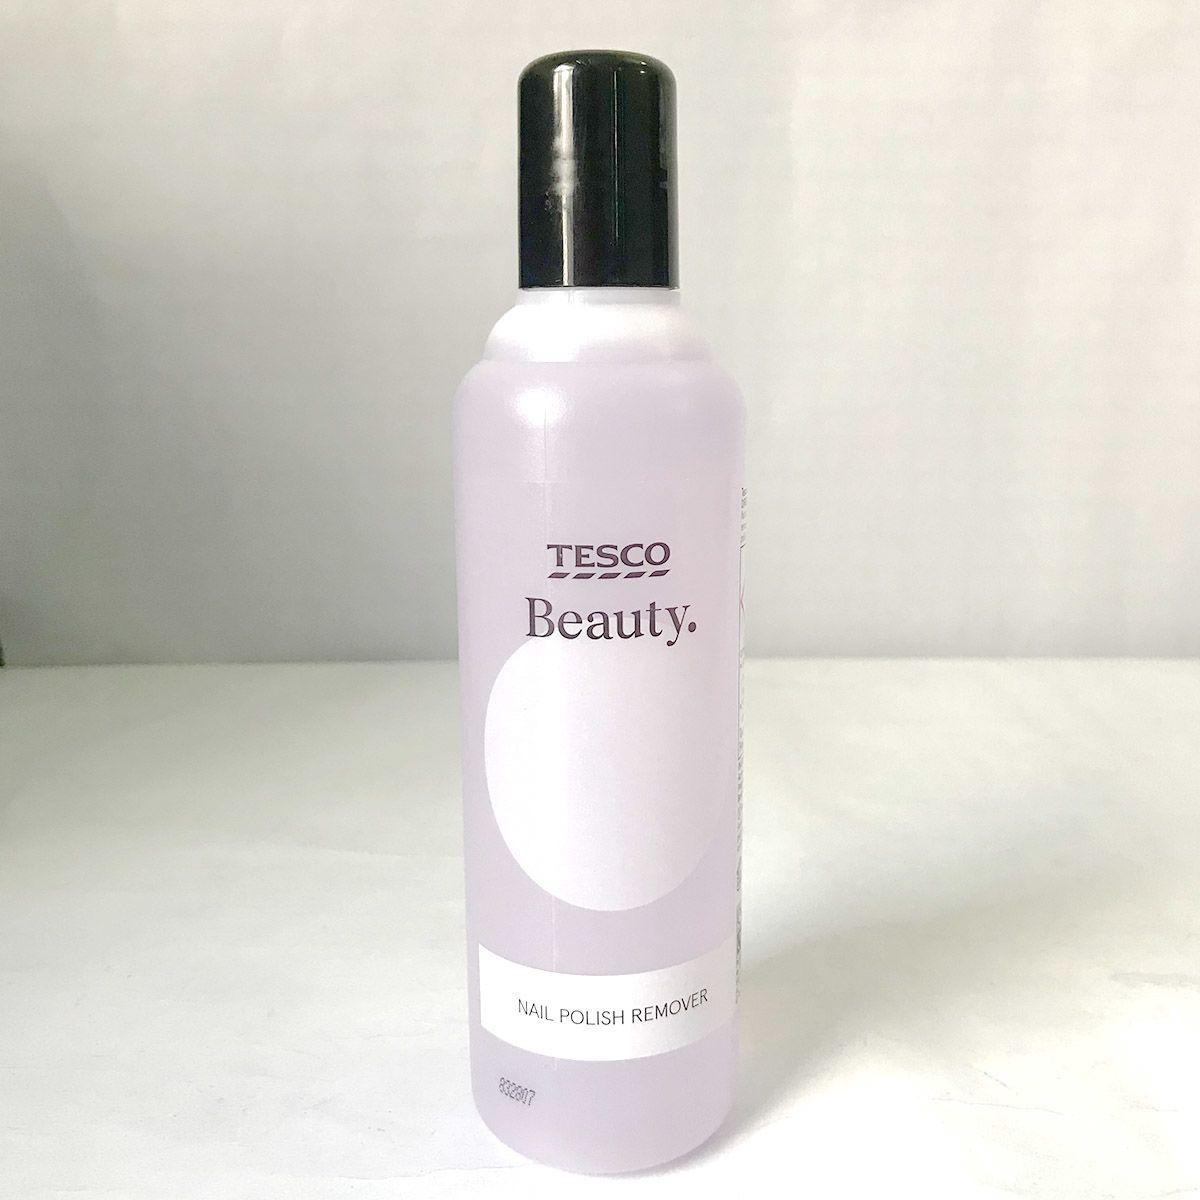 Tesco Beauty Nail Polish Remover 250ml